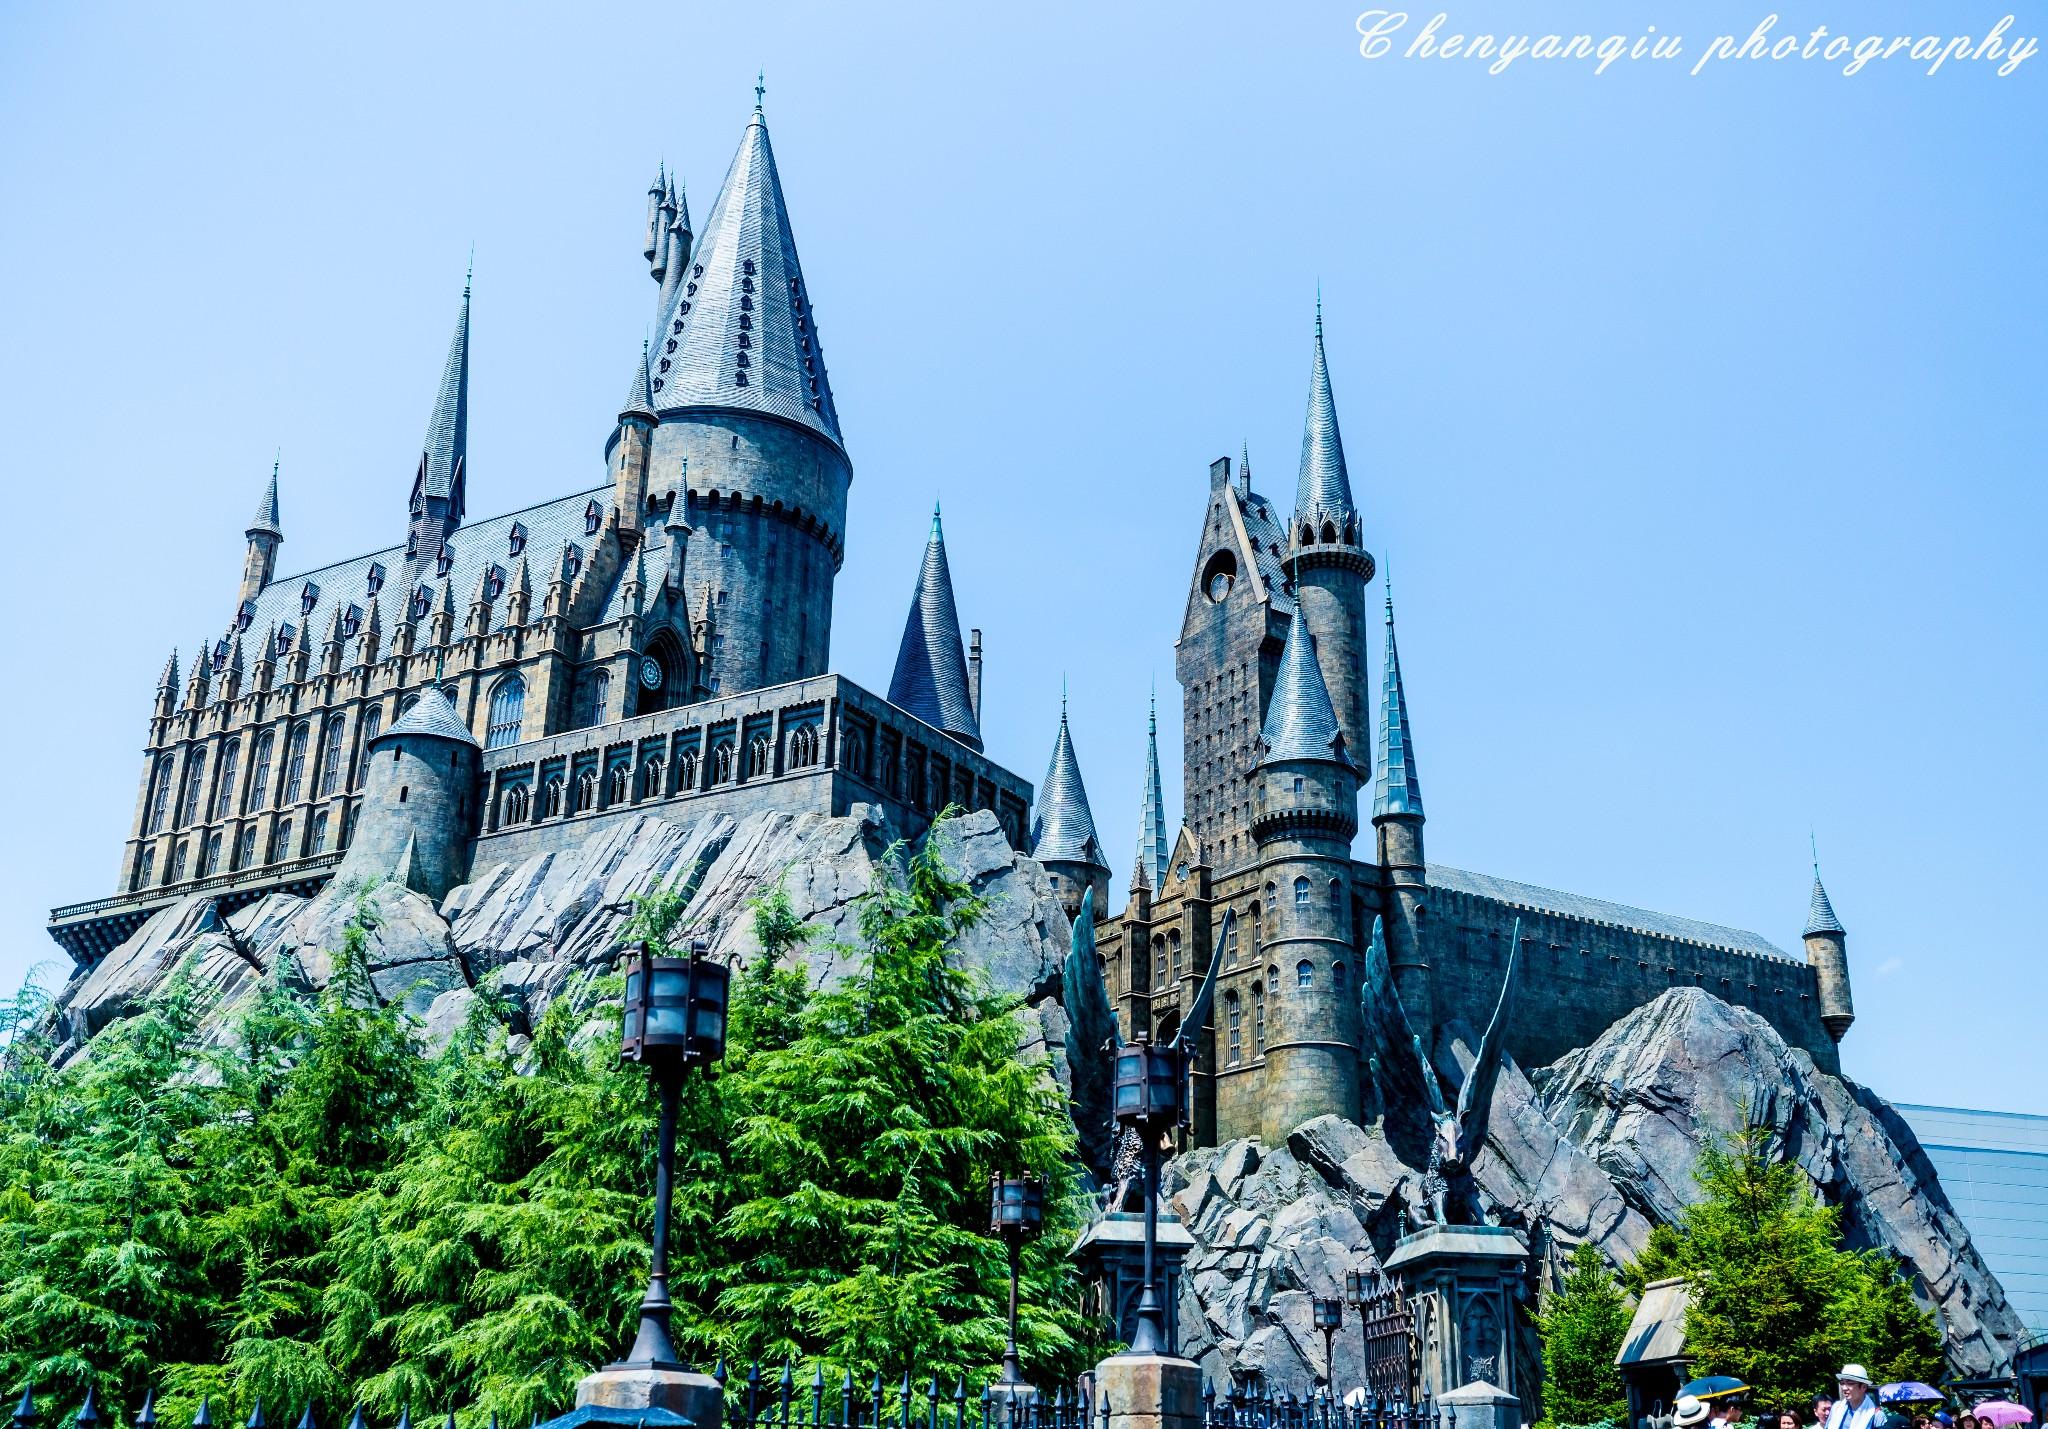 【大阪景点图片】哈利波特主题游乐园